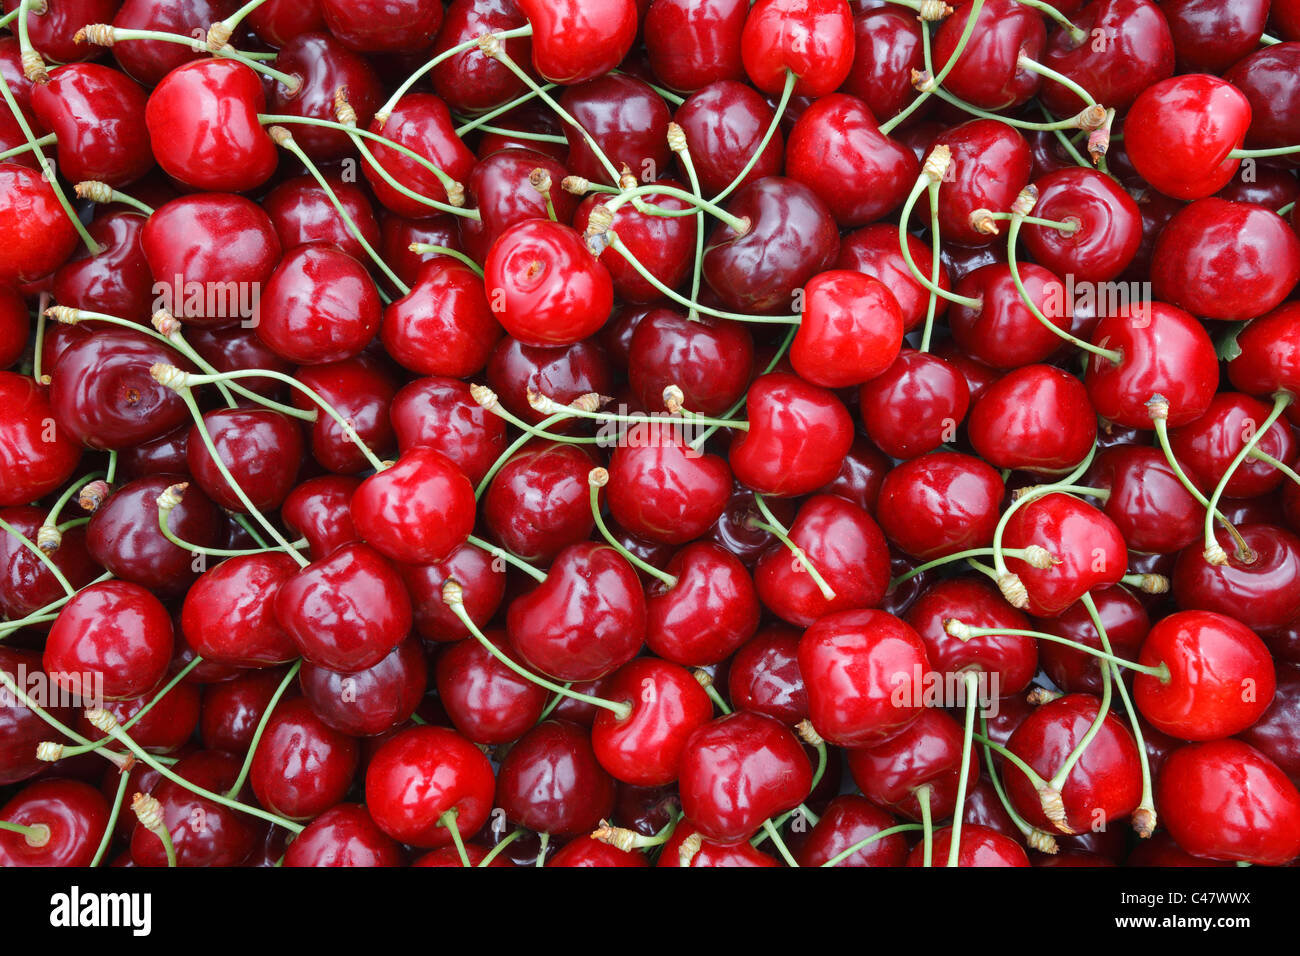 Ciliegia texture di fruttaFoto Stock